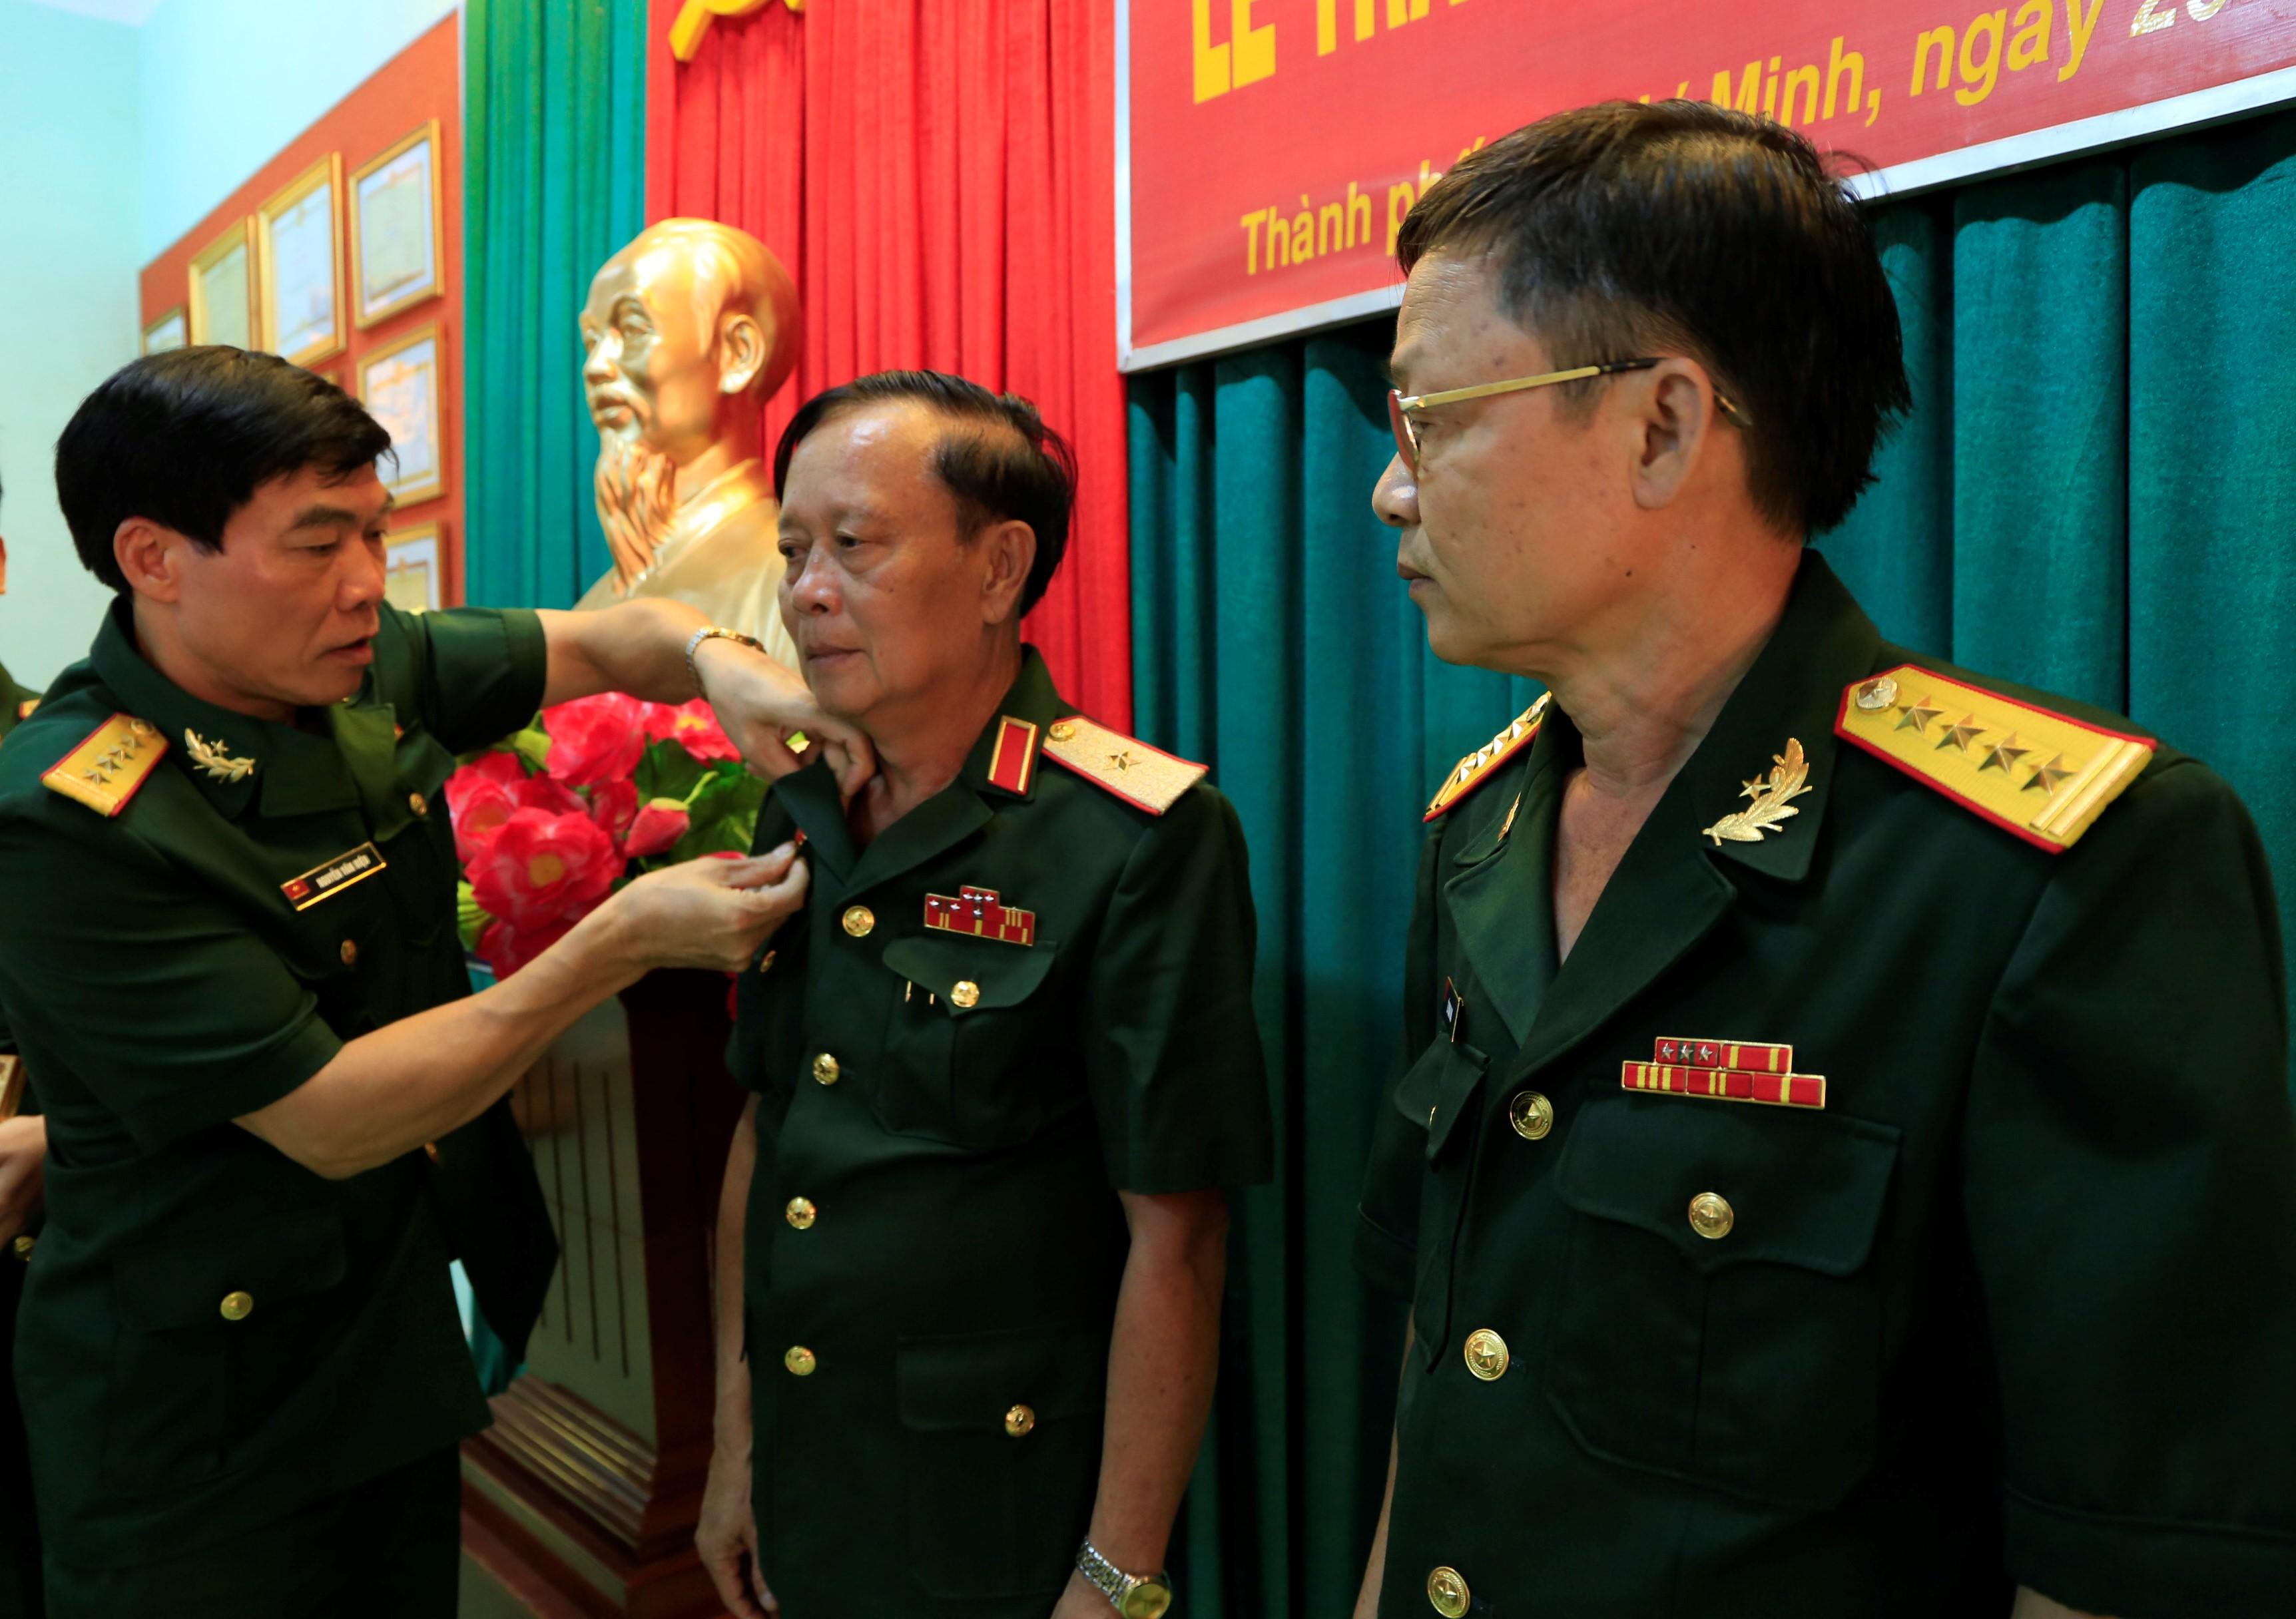 Quan Khu 7 Online Phong Tổ Chức Cục Chinh Trị Quan Khu 7 Trao Huy Hiệu 40 30 Năm Tuổi đảng